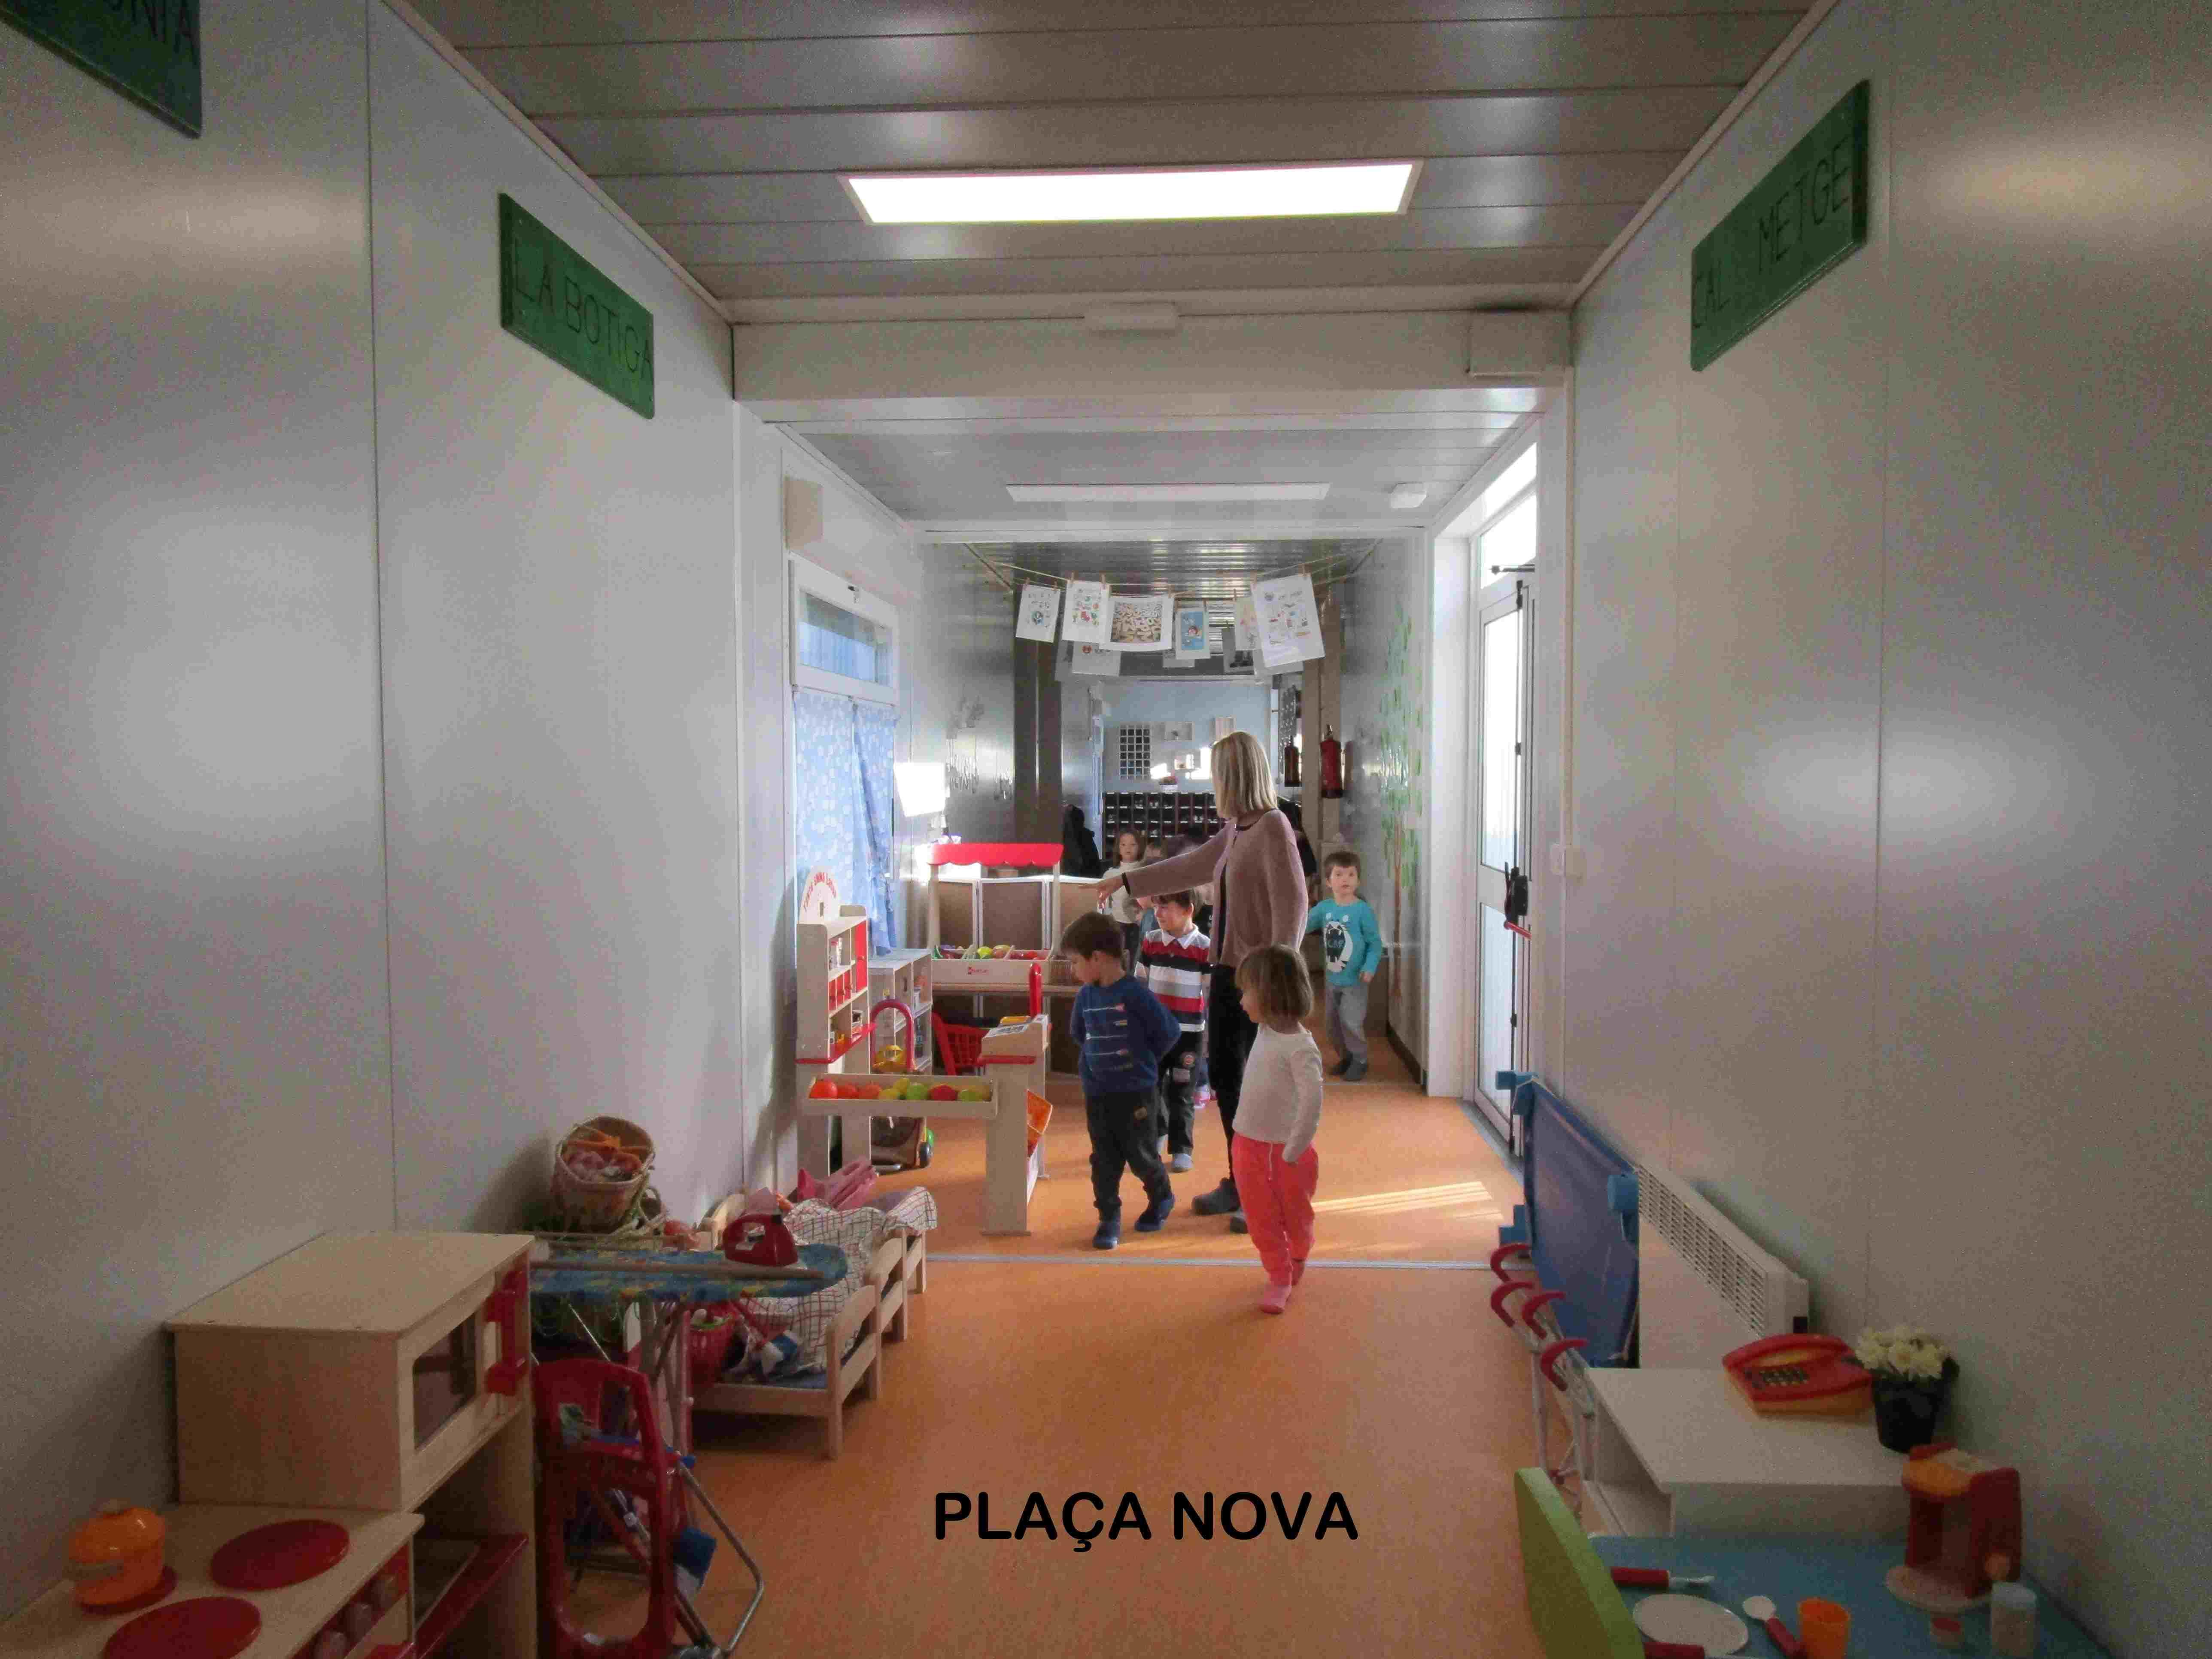 plaça nova3